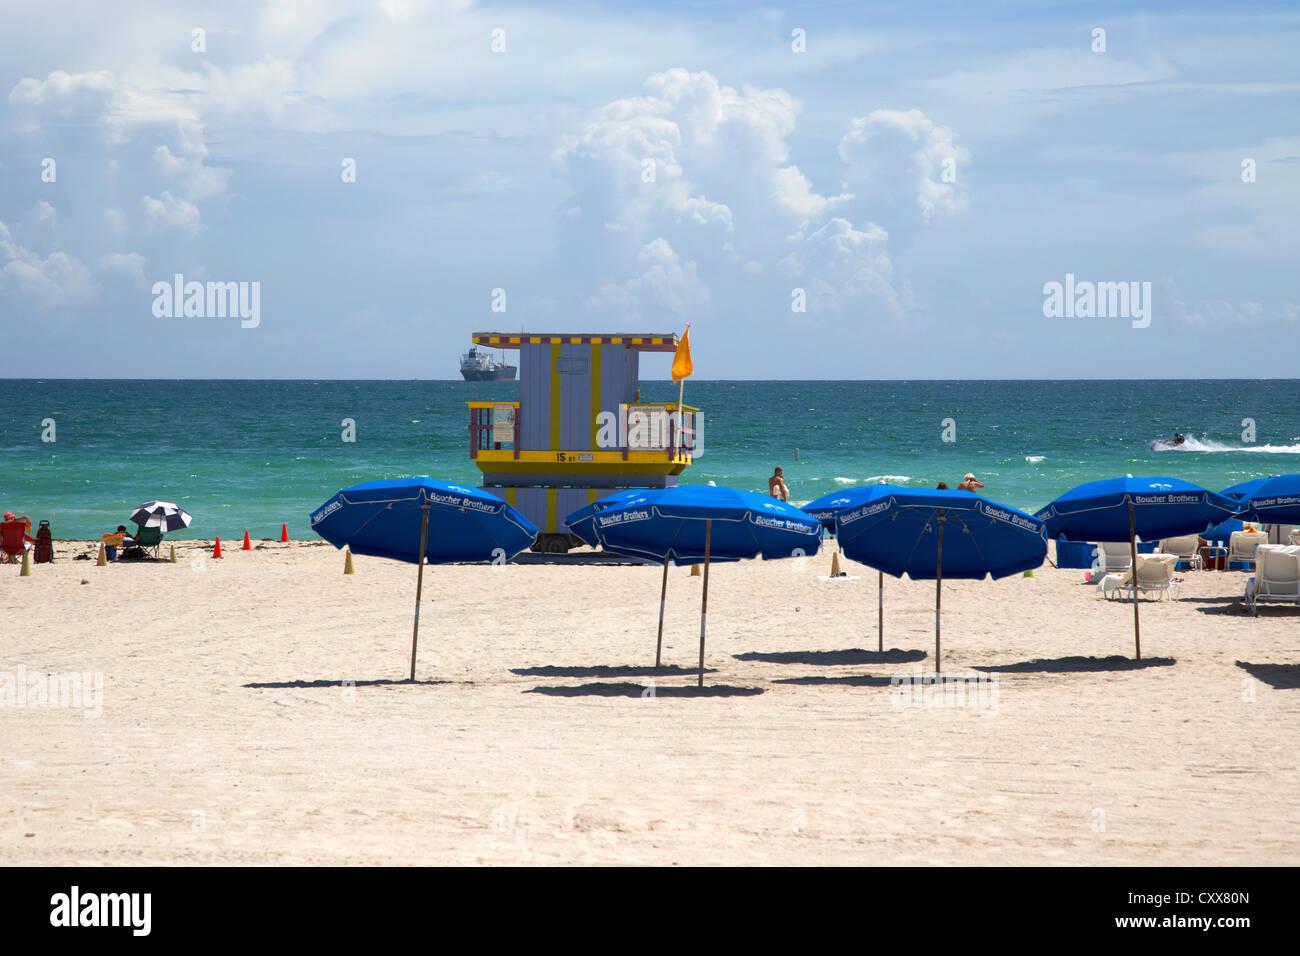 Regenschirme und Sonnenschirme mit Rettungsschwimmer-Turm mit Blick auf Meer Miami south beach Florida usa Stockbild